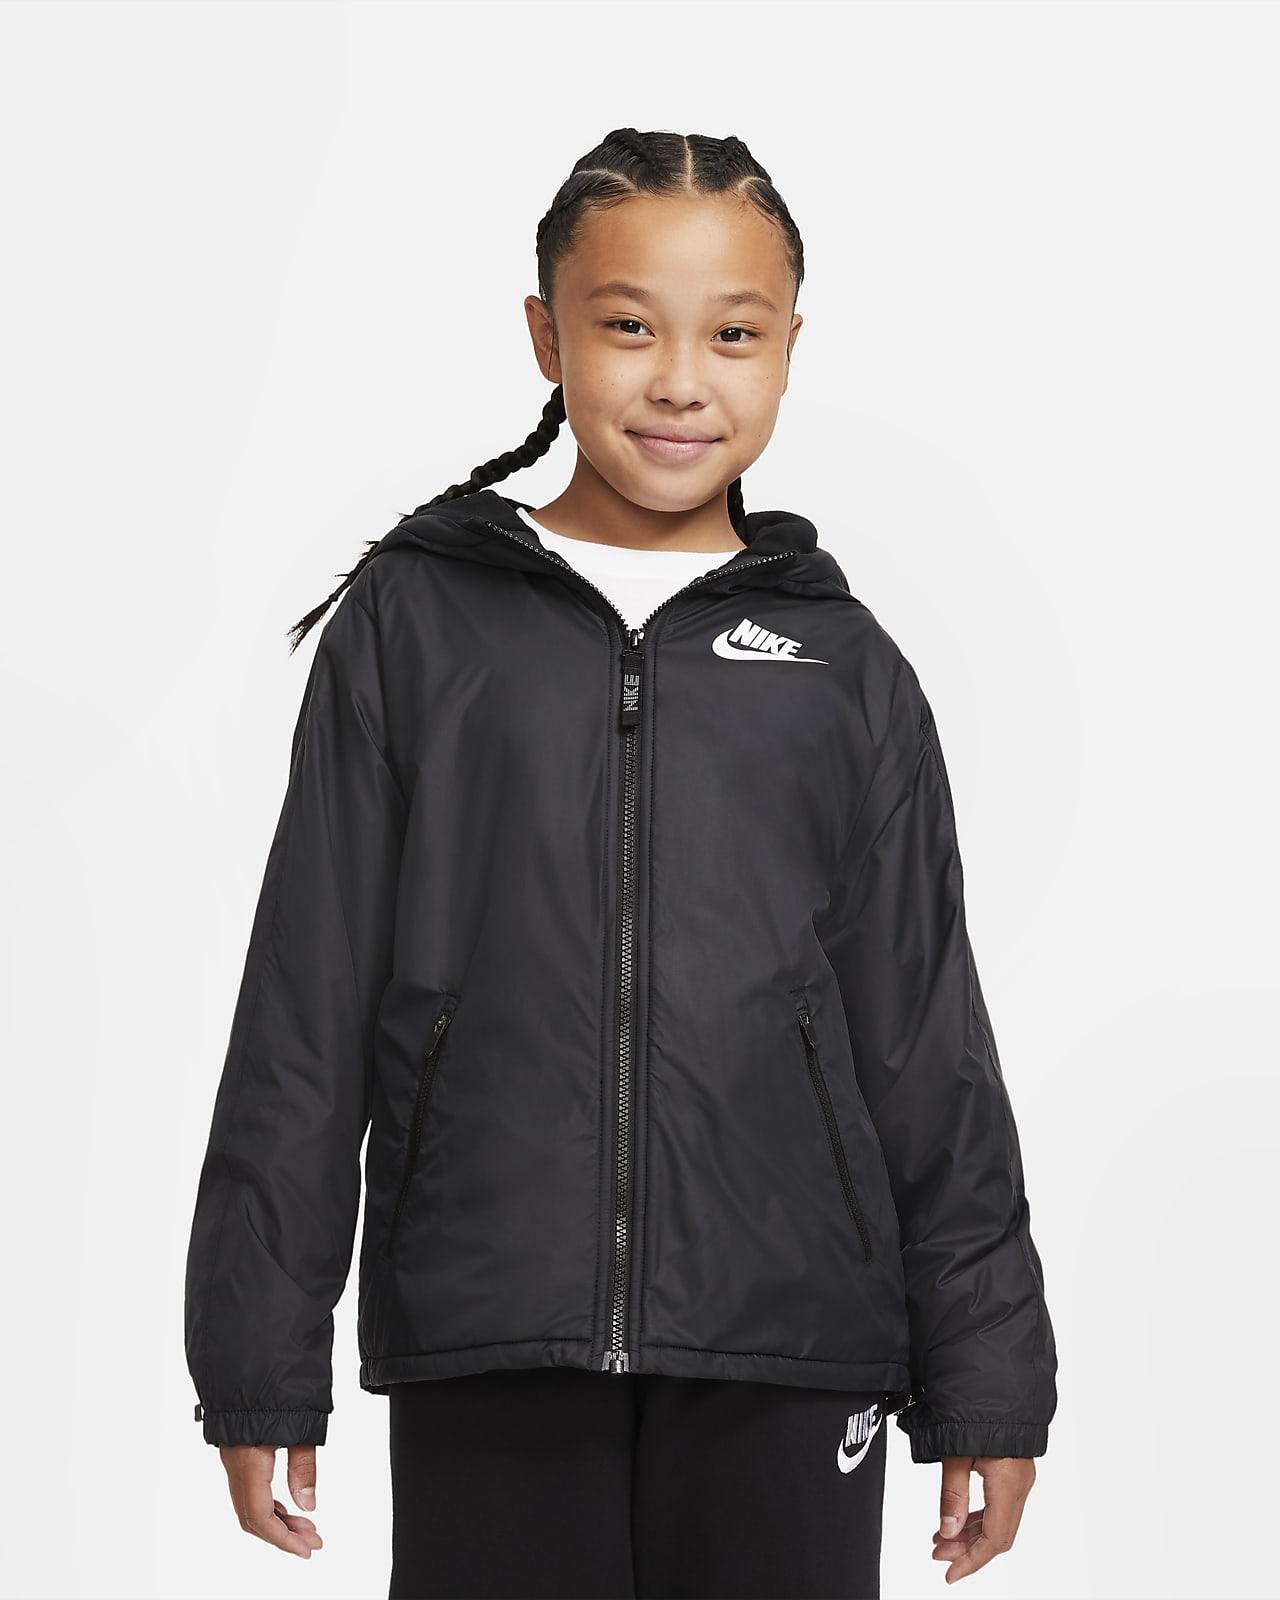 Nike Sportswear jakke med fleecefôr til store barn